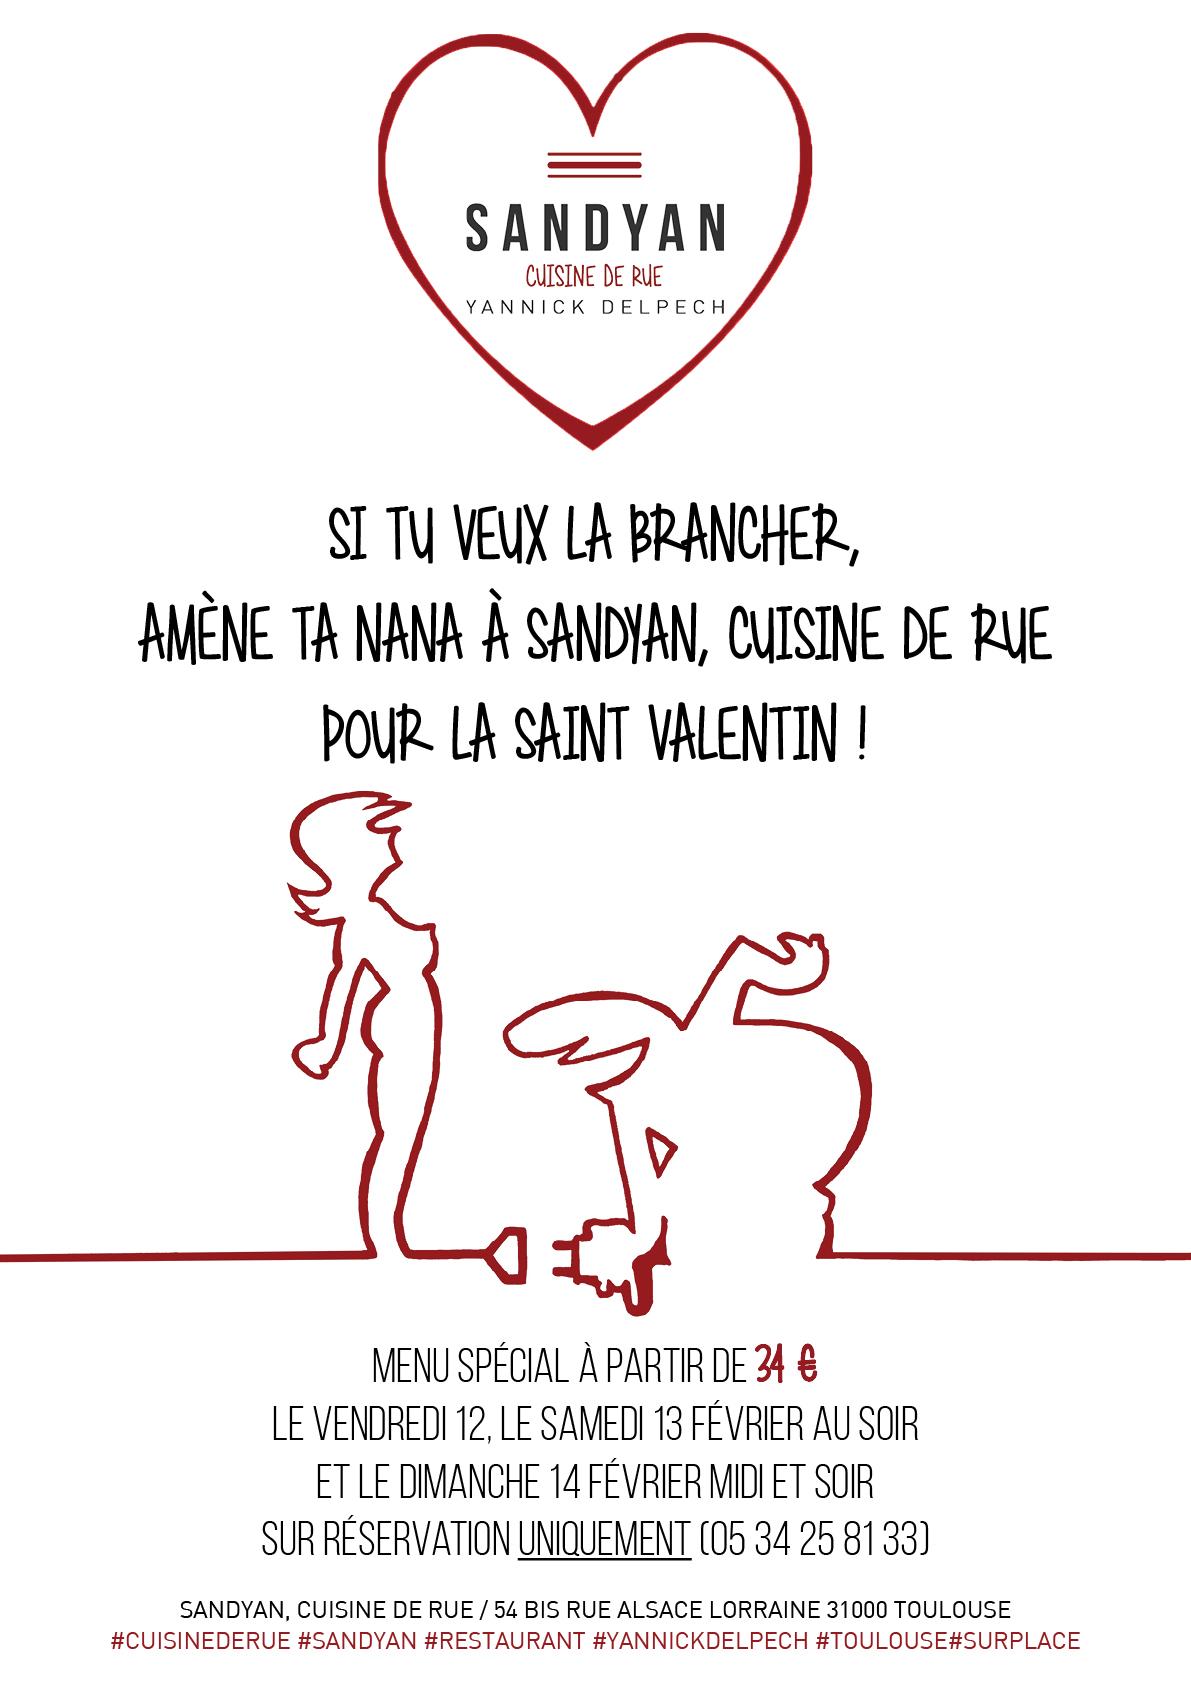 Sandyan cuisine de rue f te la st valentin sandyan - Cuisine saint valentin ...